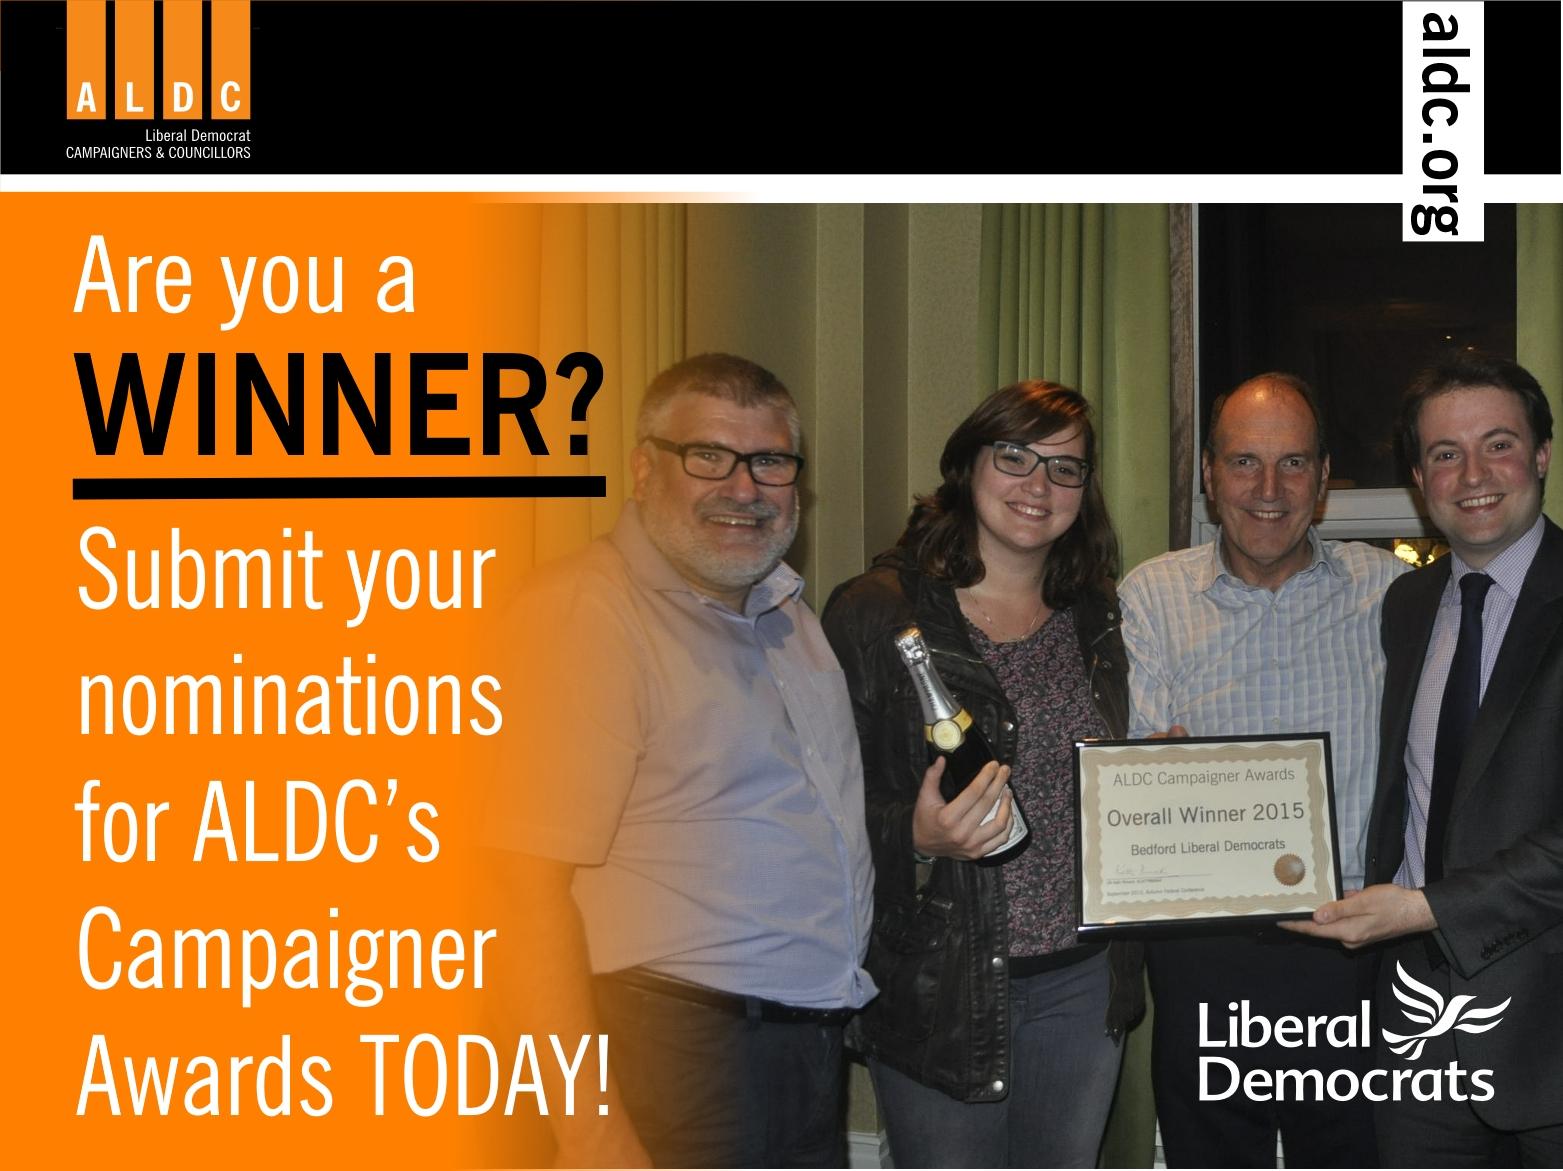 Awards web image